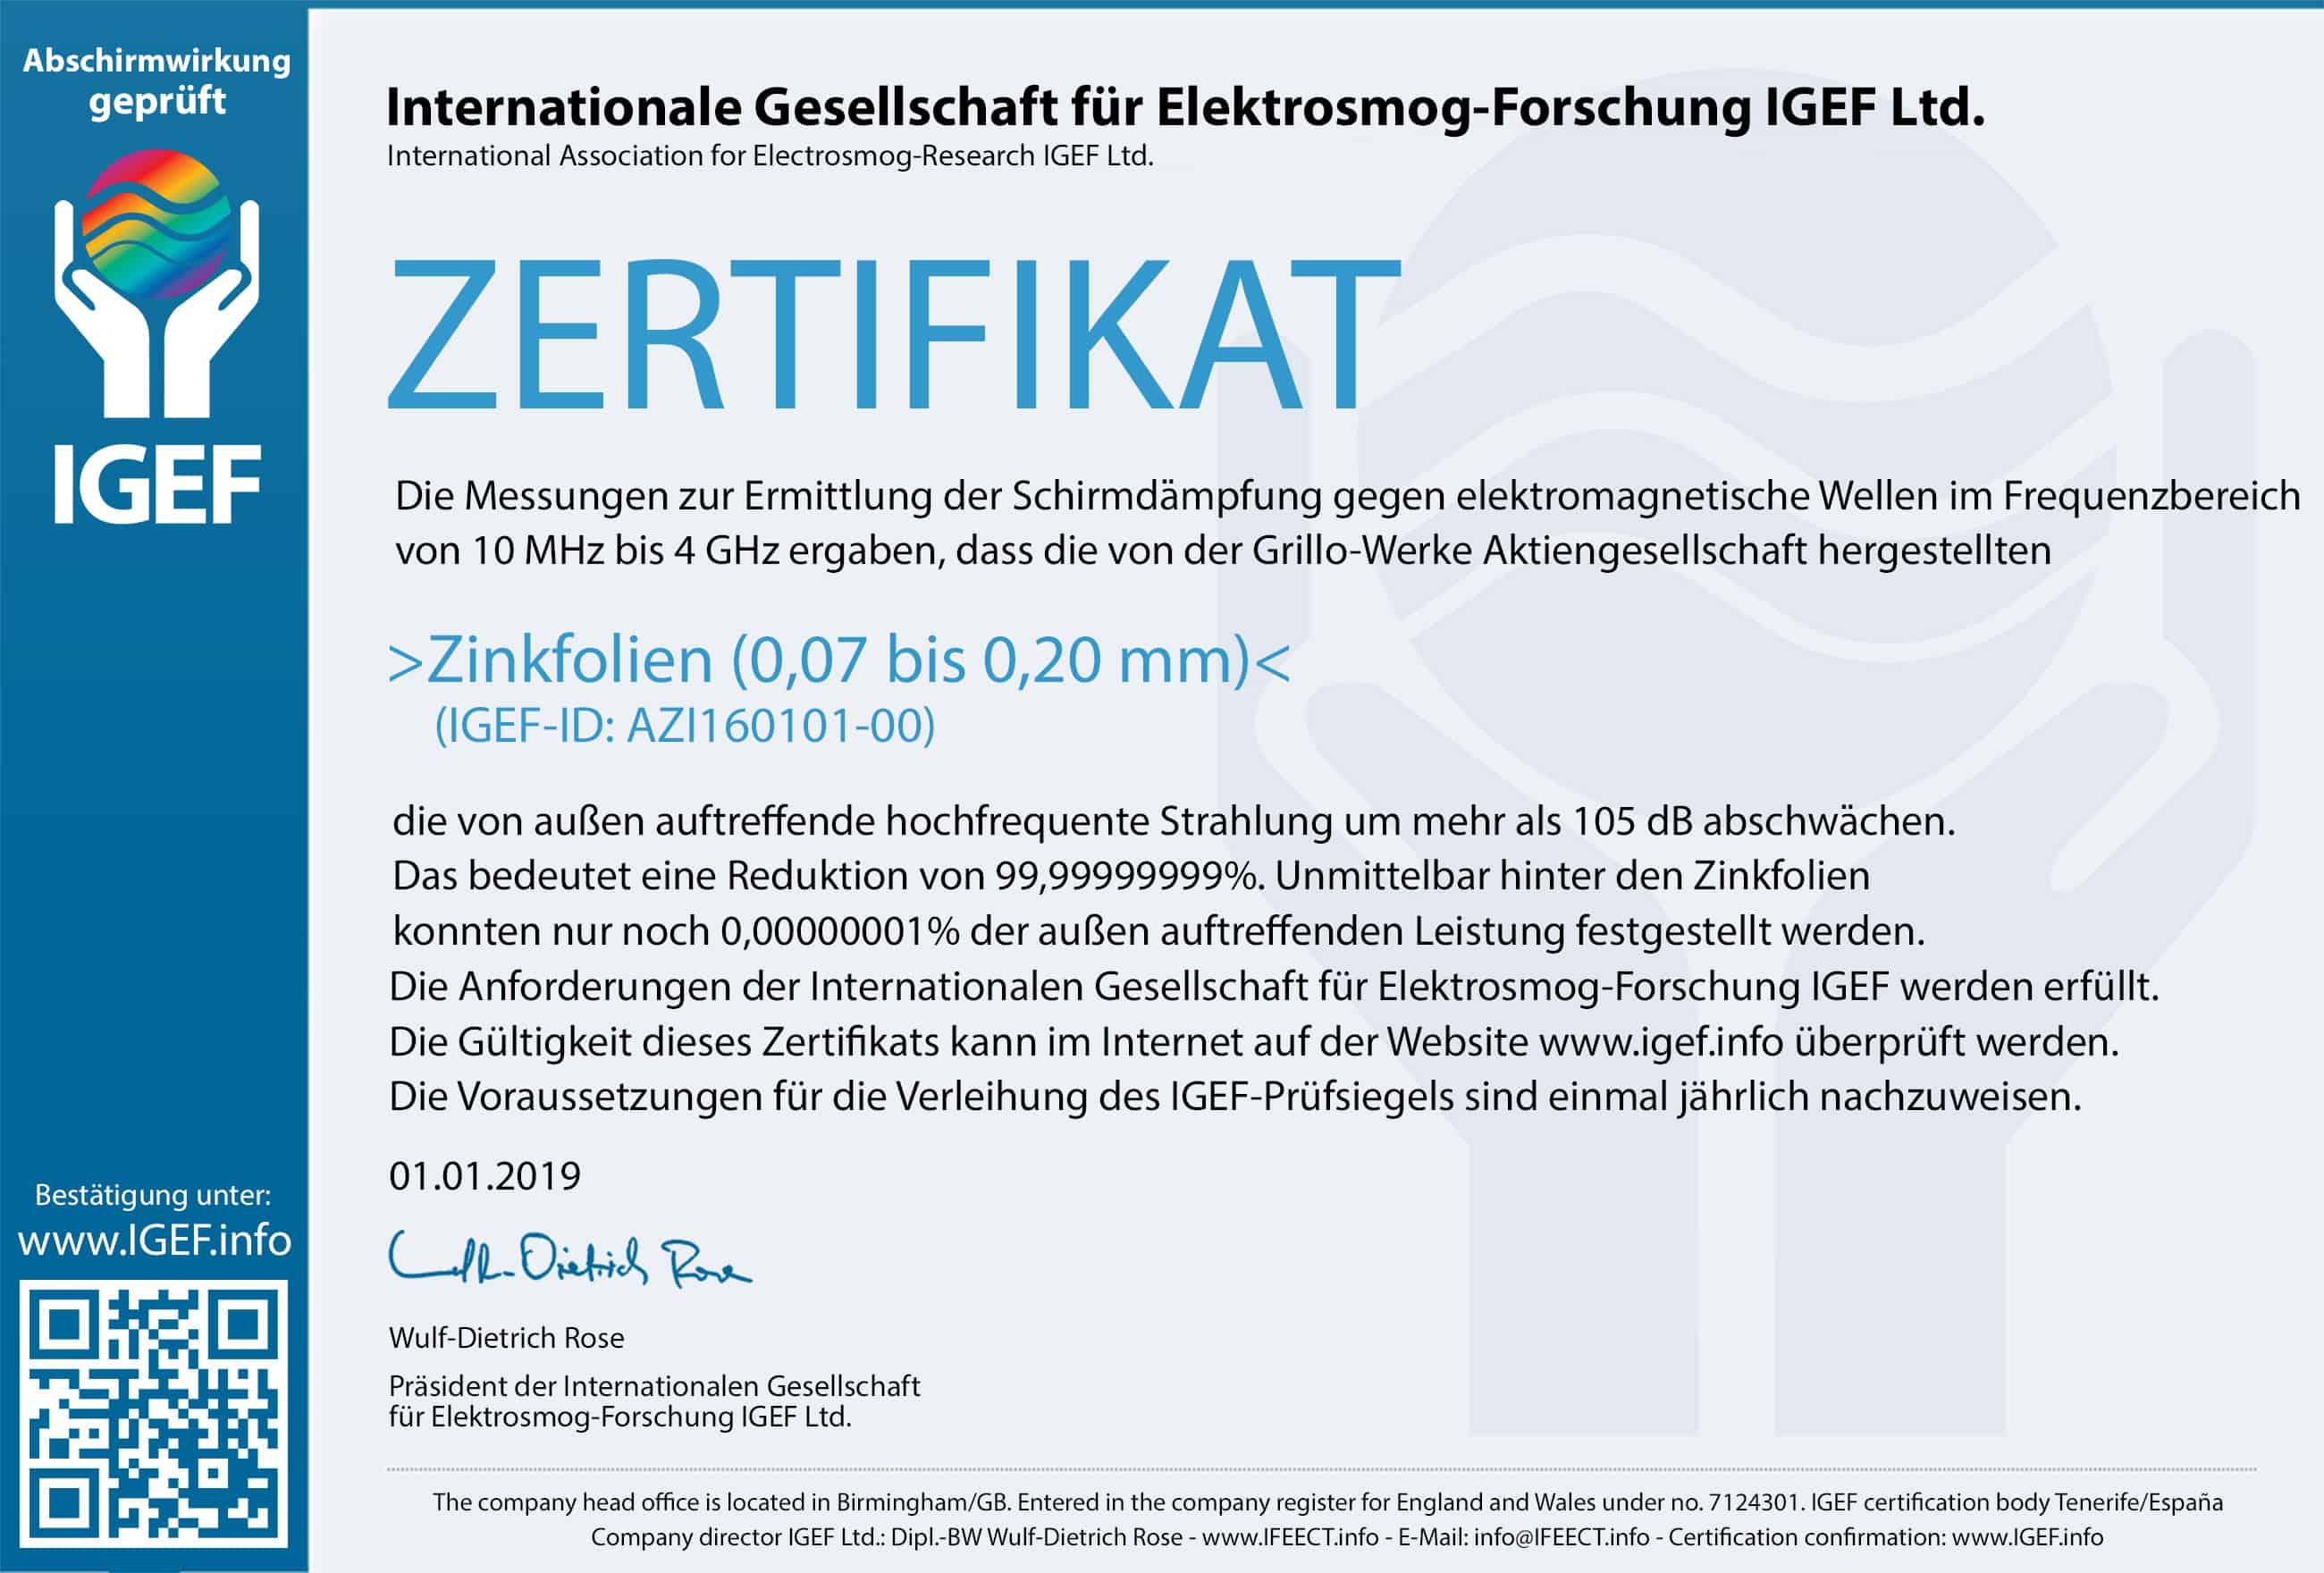 IGEF-Zertifikat-AZI-DE-19